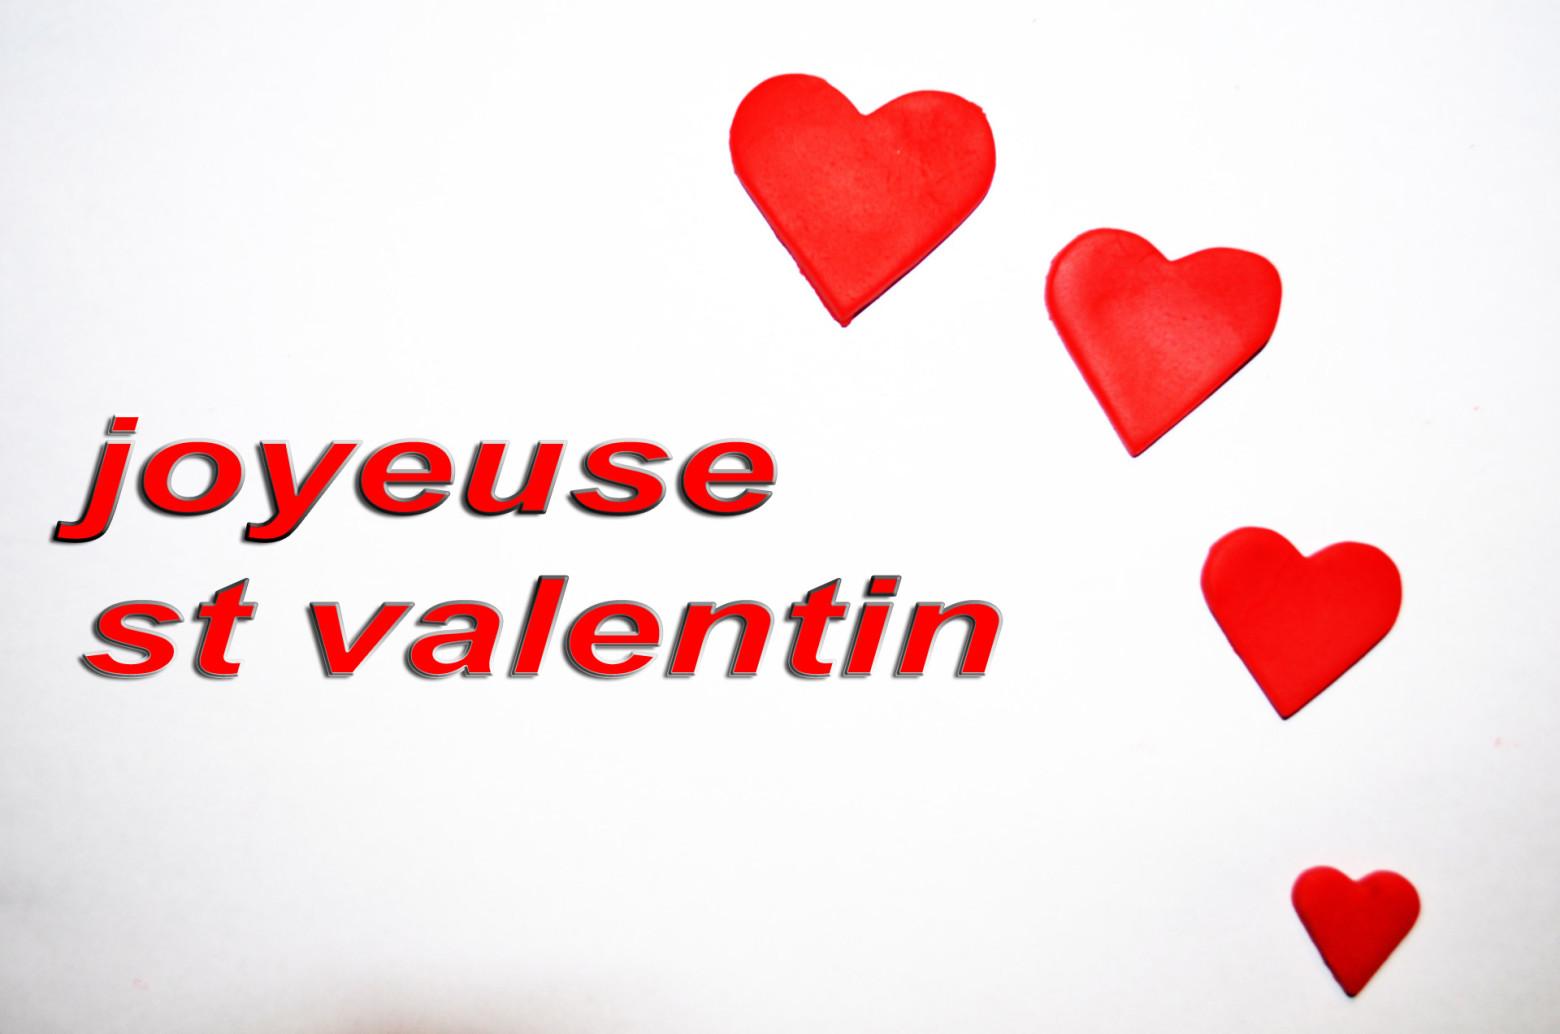 Joyeuse st valentin carte de voeux images gratuites - Image st valentin gratuite ...